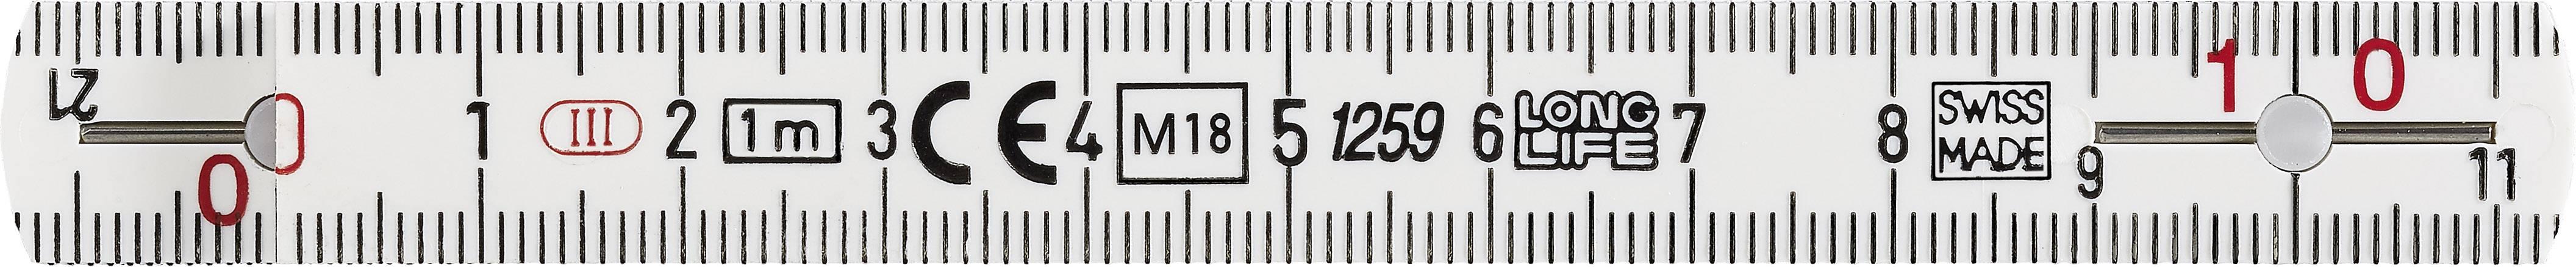 BMI 935990100W Rule 1 m Plastic   Conrad com